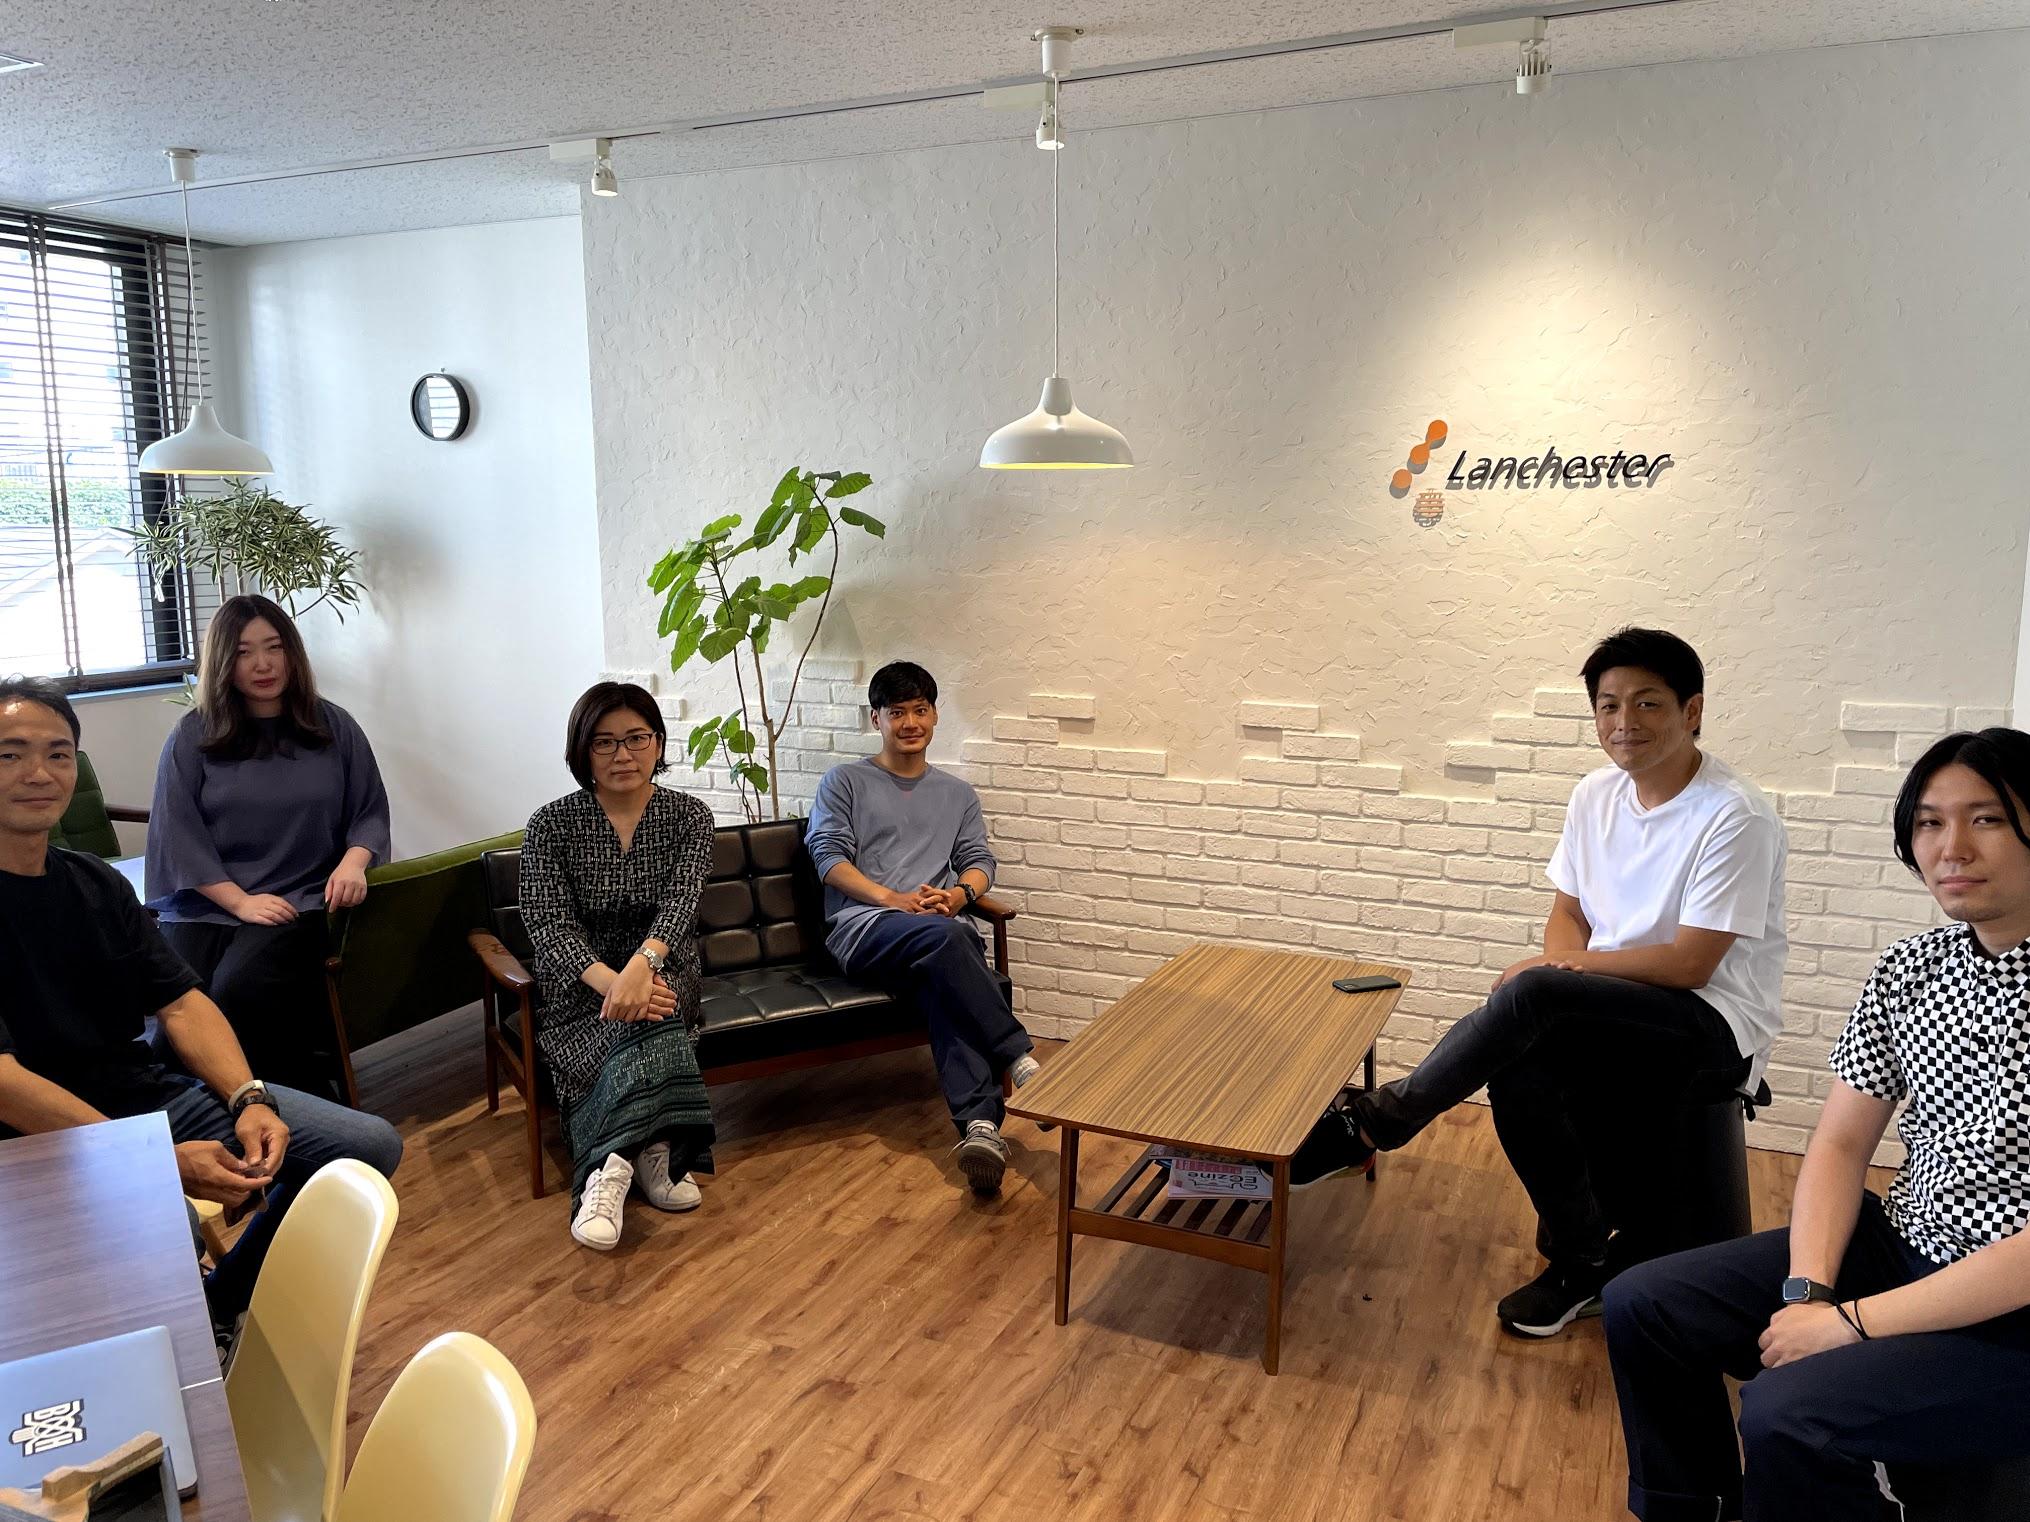 【インサイドセールス・SaaSアプリマーケティングプラットフォーム】4億円資金調達済/3年間チャーンレート0%